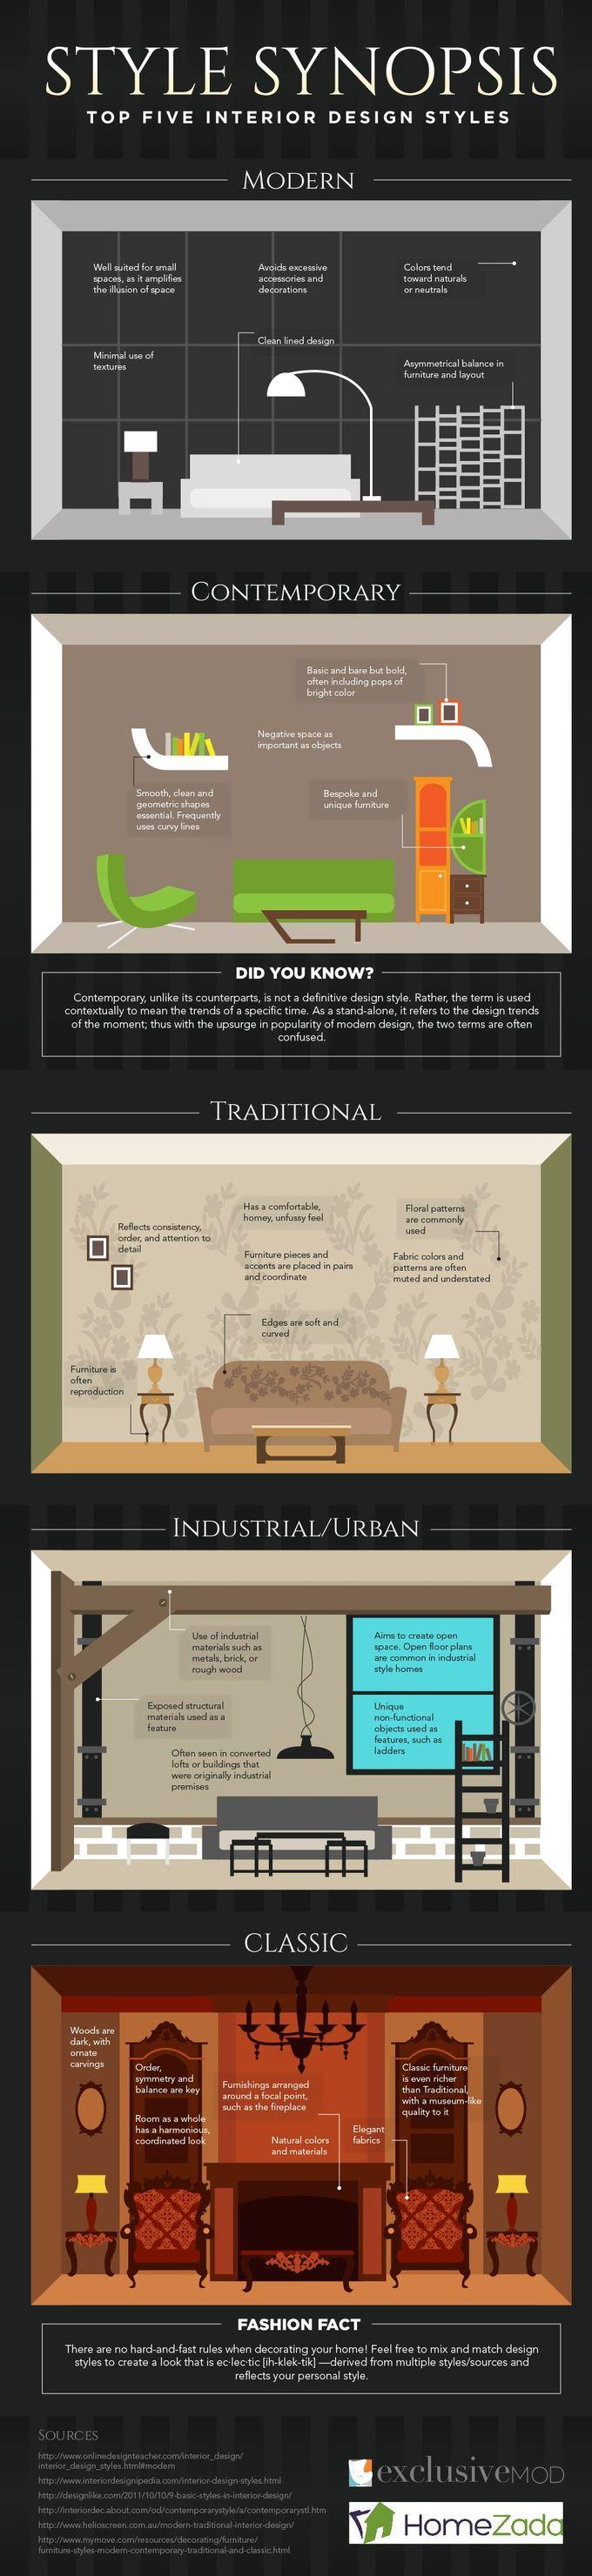 排名前五的室内设计风格被捕获在一个很酷的信息图表中,从而很容易辨别风格之间的差异。哪一个让你的船摇晃?